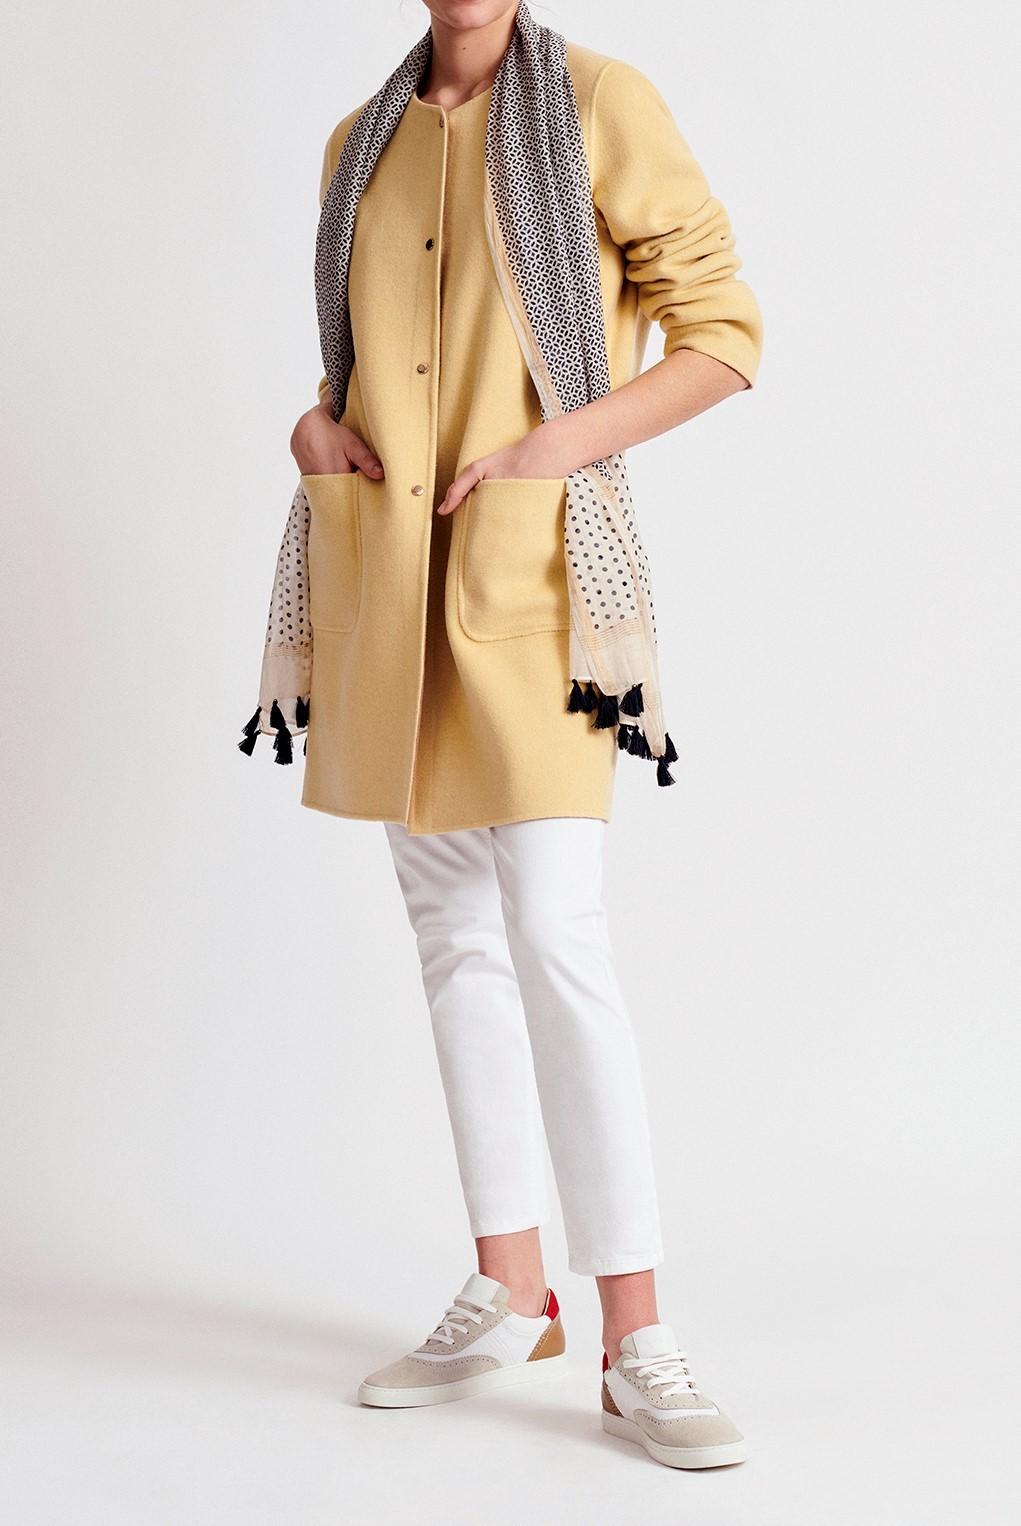 ROSALIA - двустороннее двойное шерстяное пальто